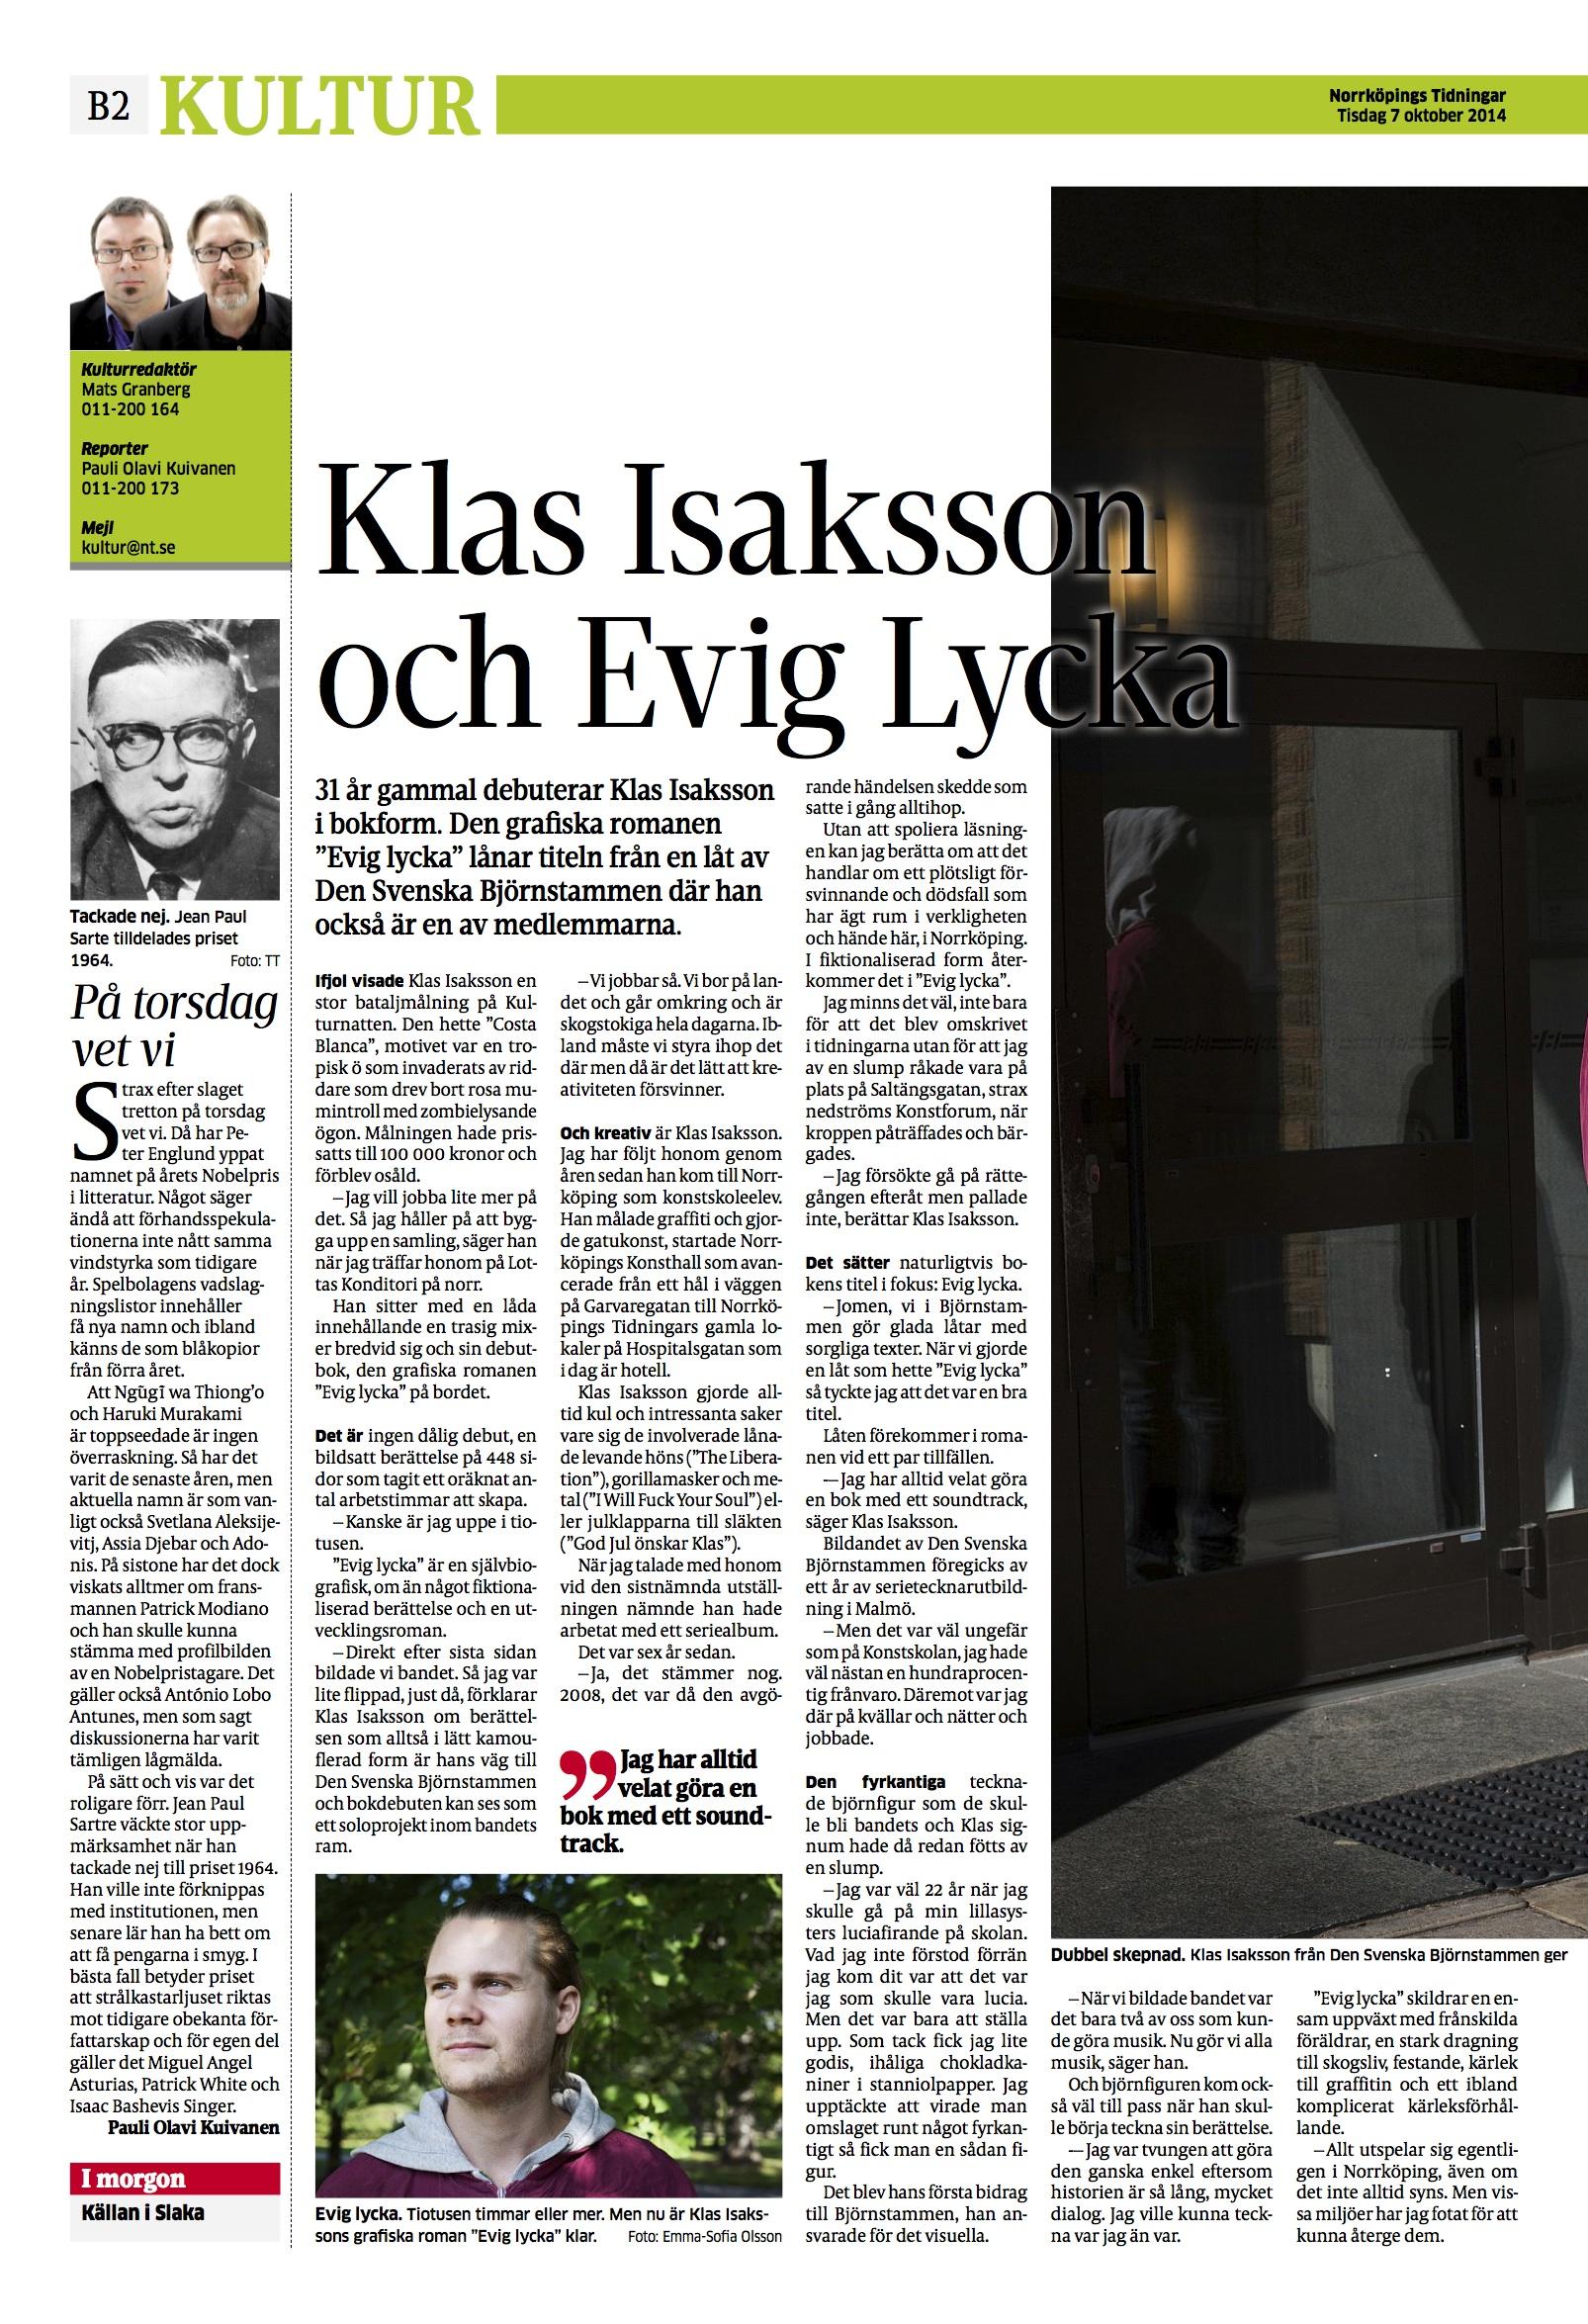 Intervju i NT - Klas Isaksson.jpg